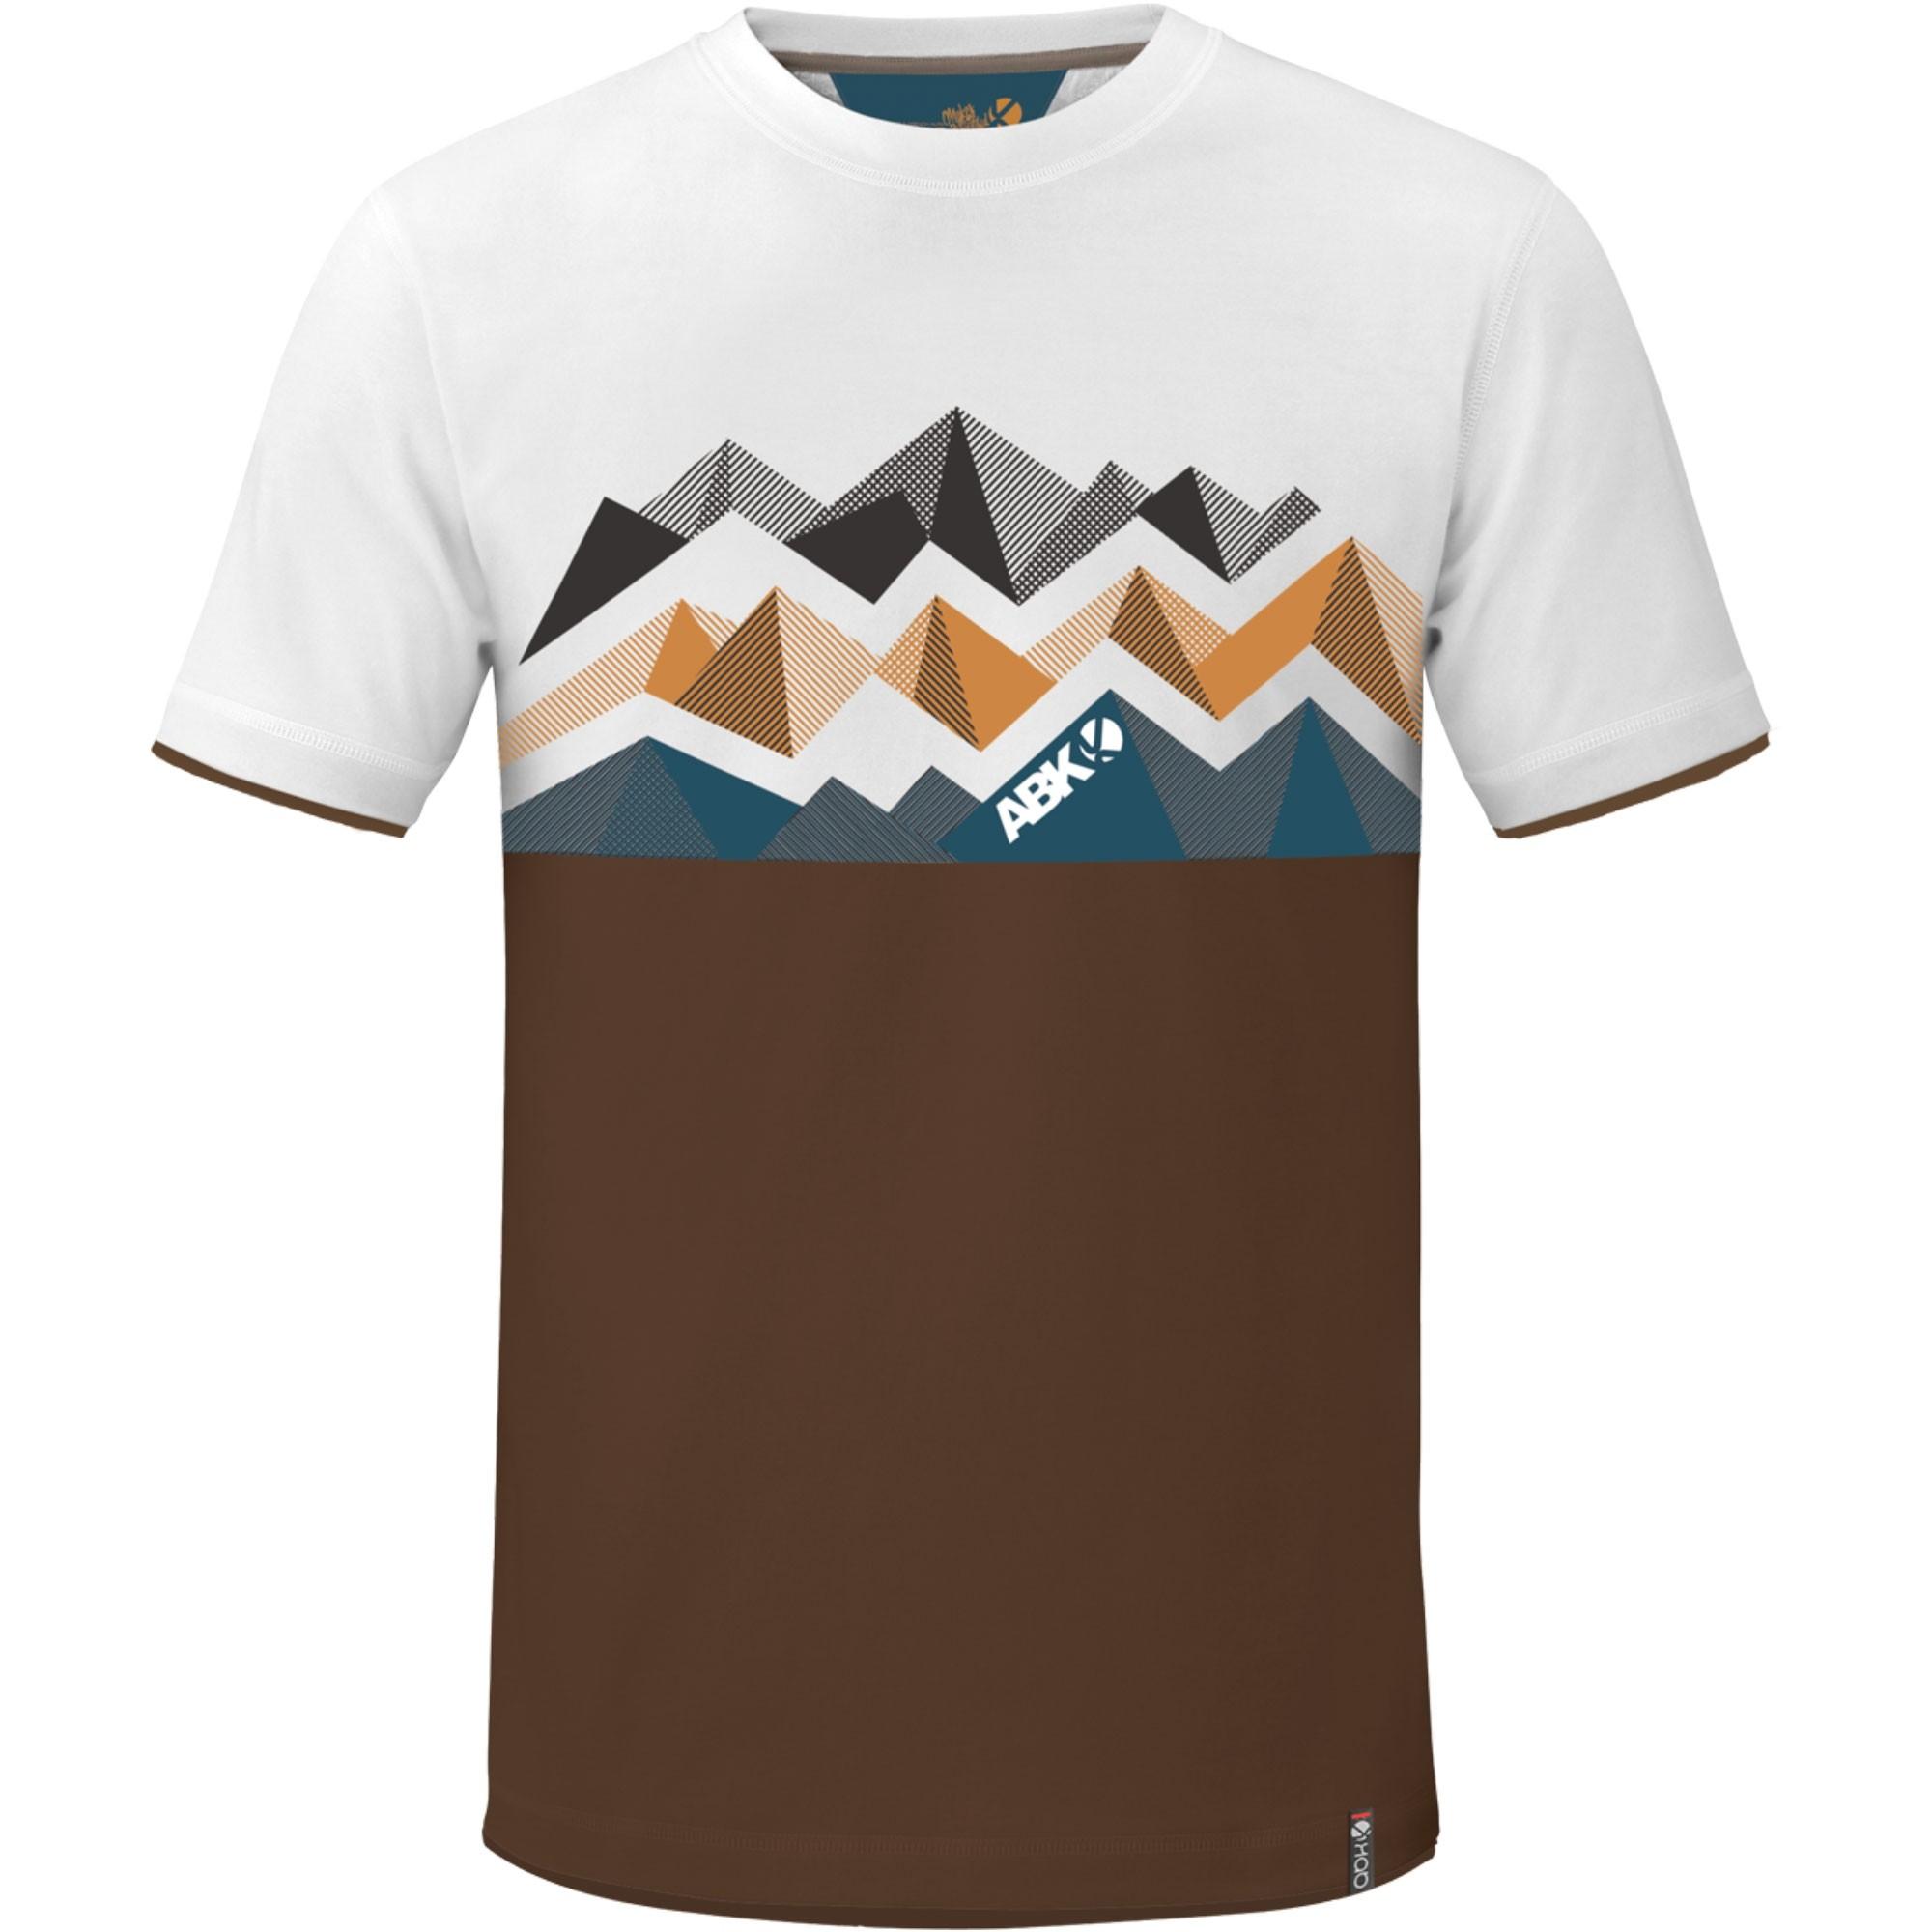 ABK-Rockies-Crag-Tee-M-White-W17